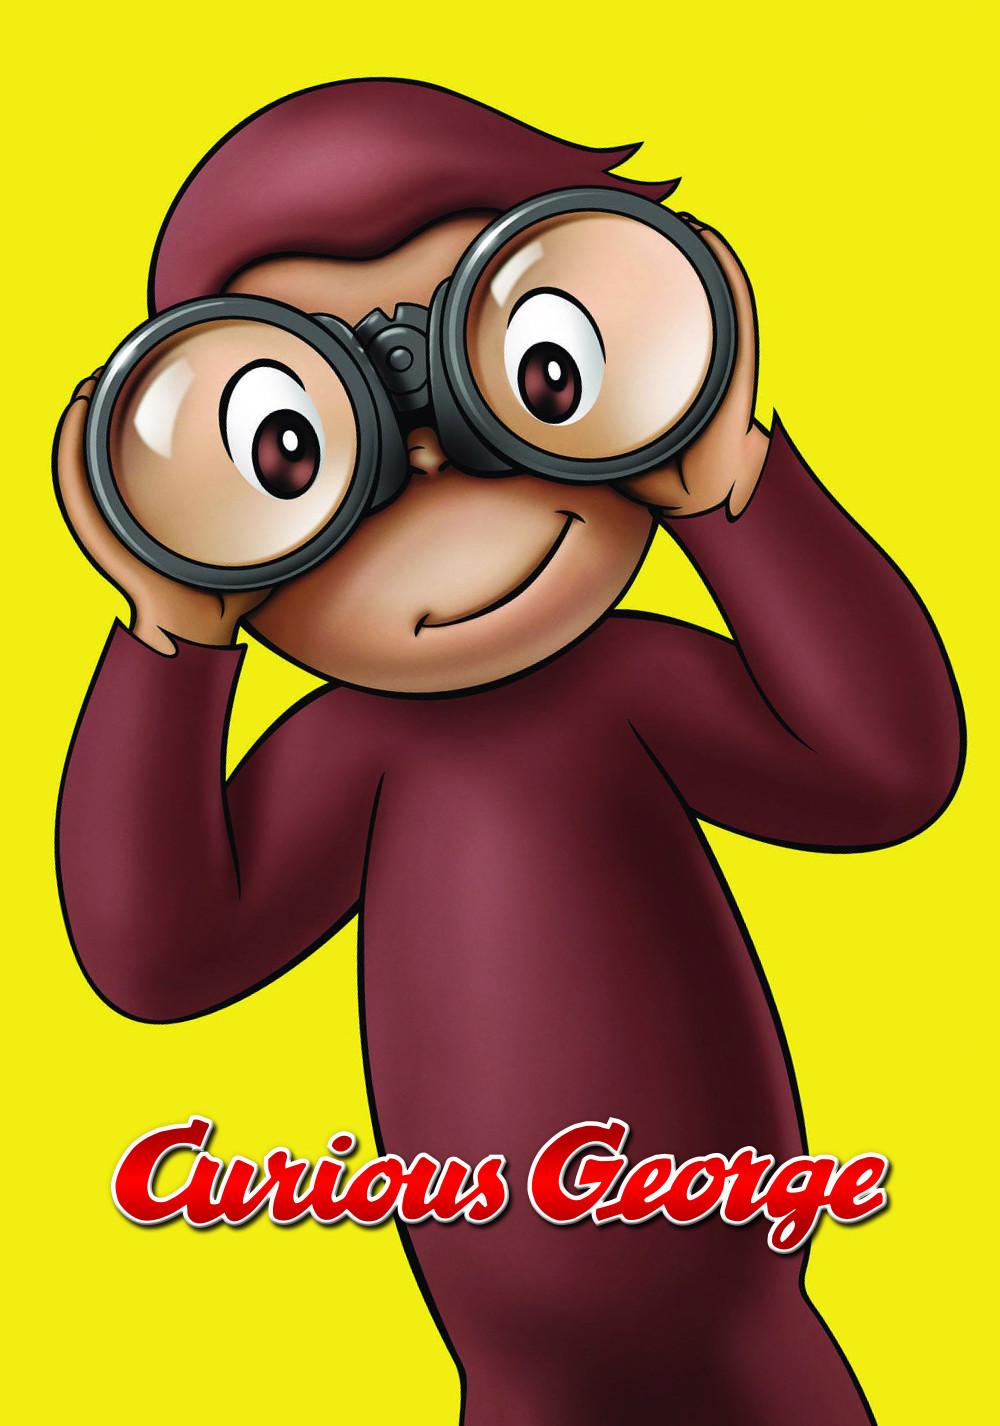 curious george movie fanart fanarttv